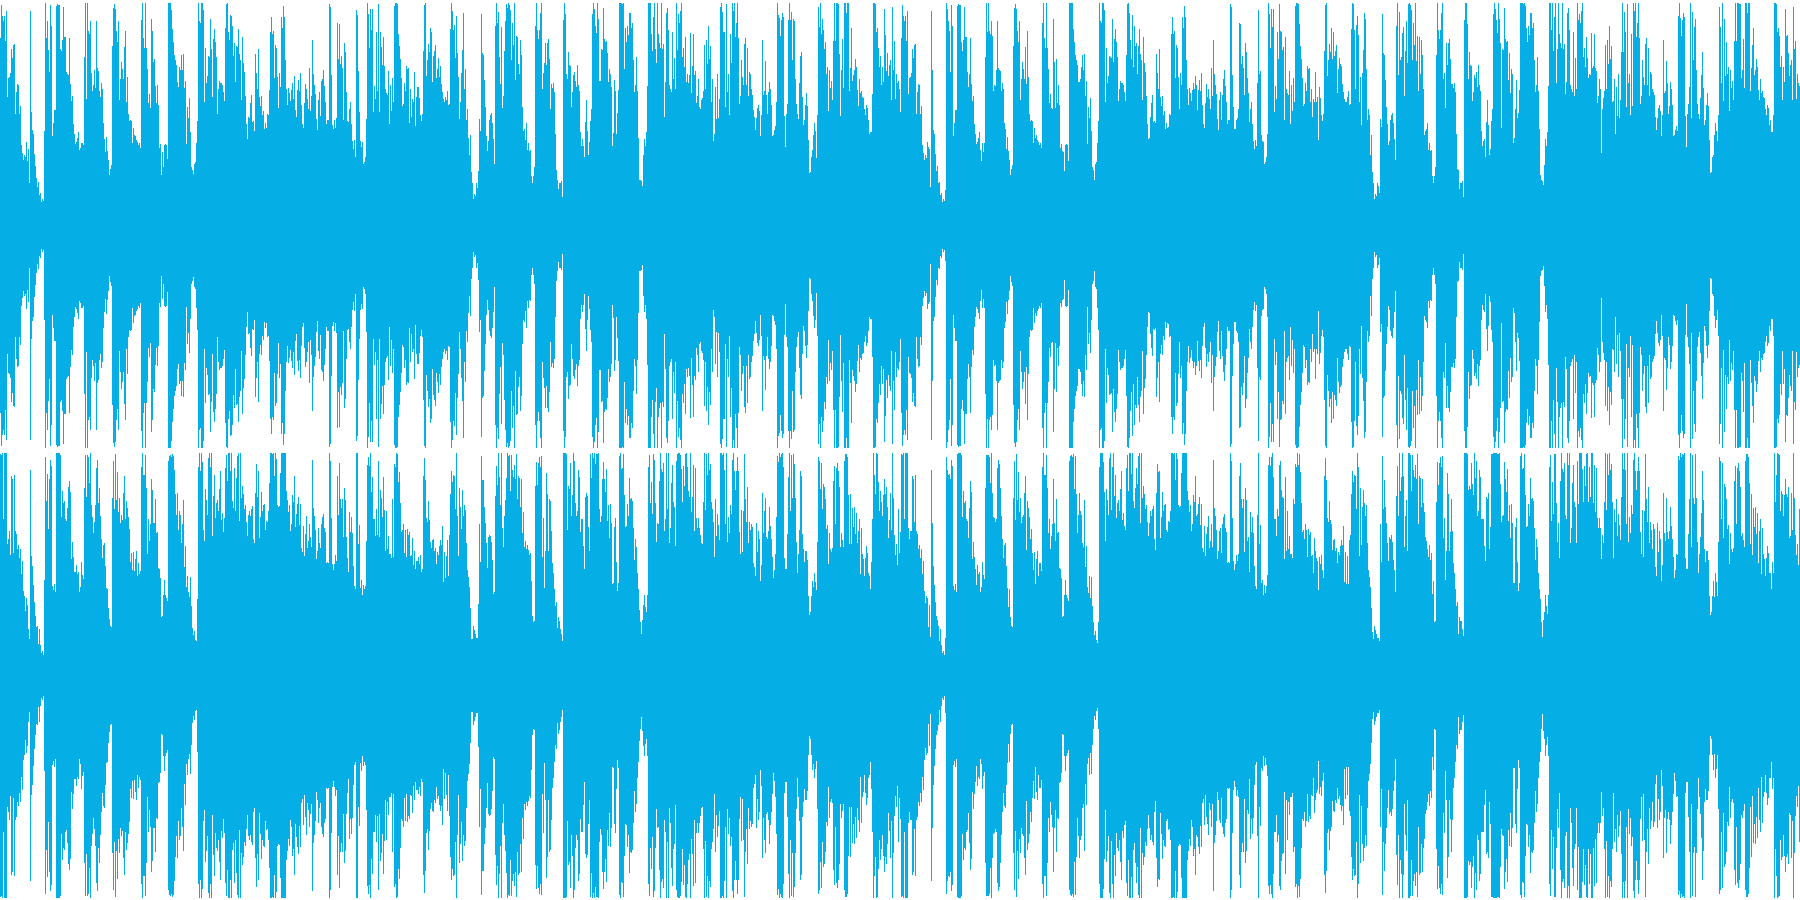 気だるい雰囲気のヒップホップショートの再生済みの波形